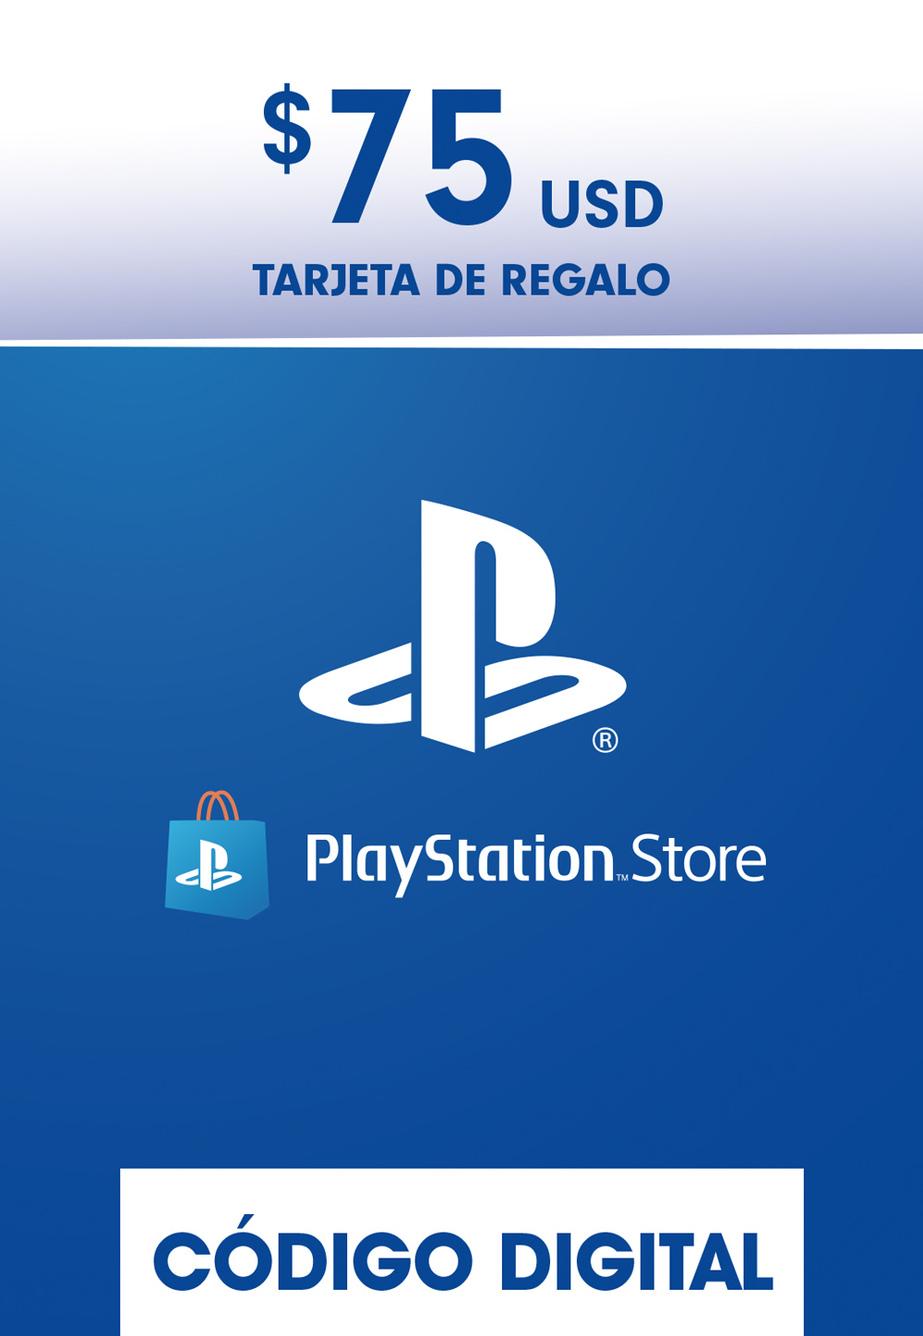 Tarjeta de Regalo PlayStation Store de 75 Dolares